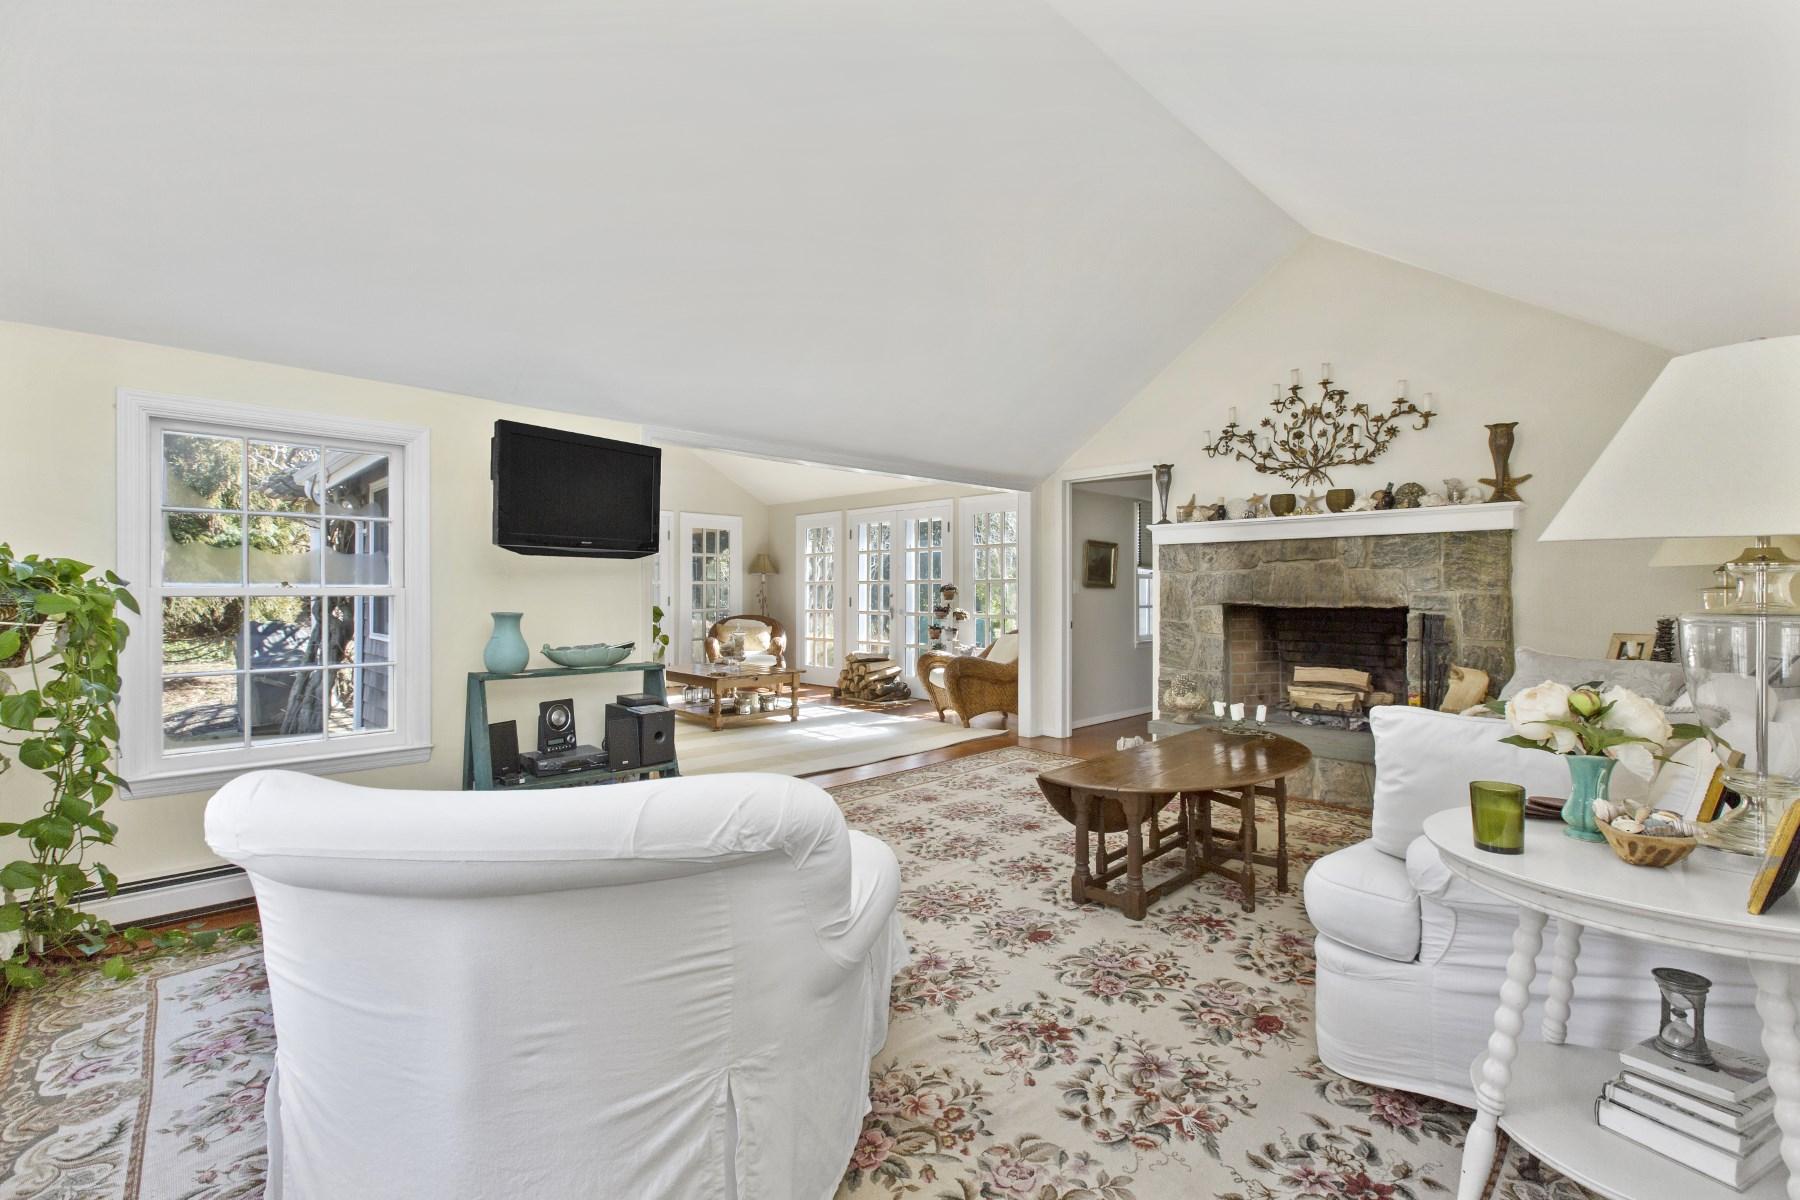 Частный односемейный дом для того Аренда на Birdgehampton North Close To Village Bridgehampton, Нью-Йорк, 11932 Соединенные Штаты